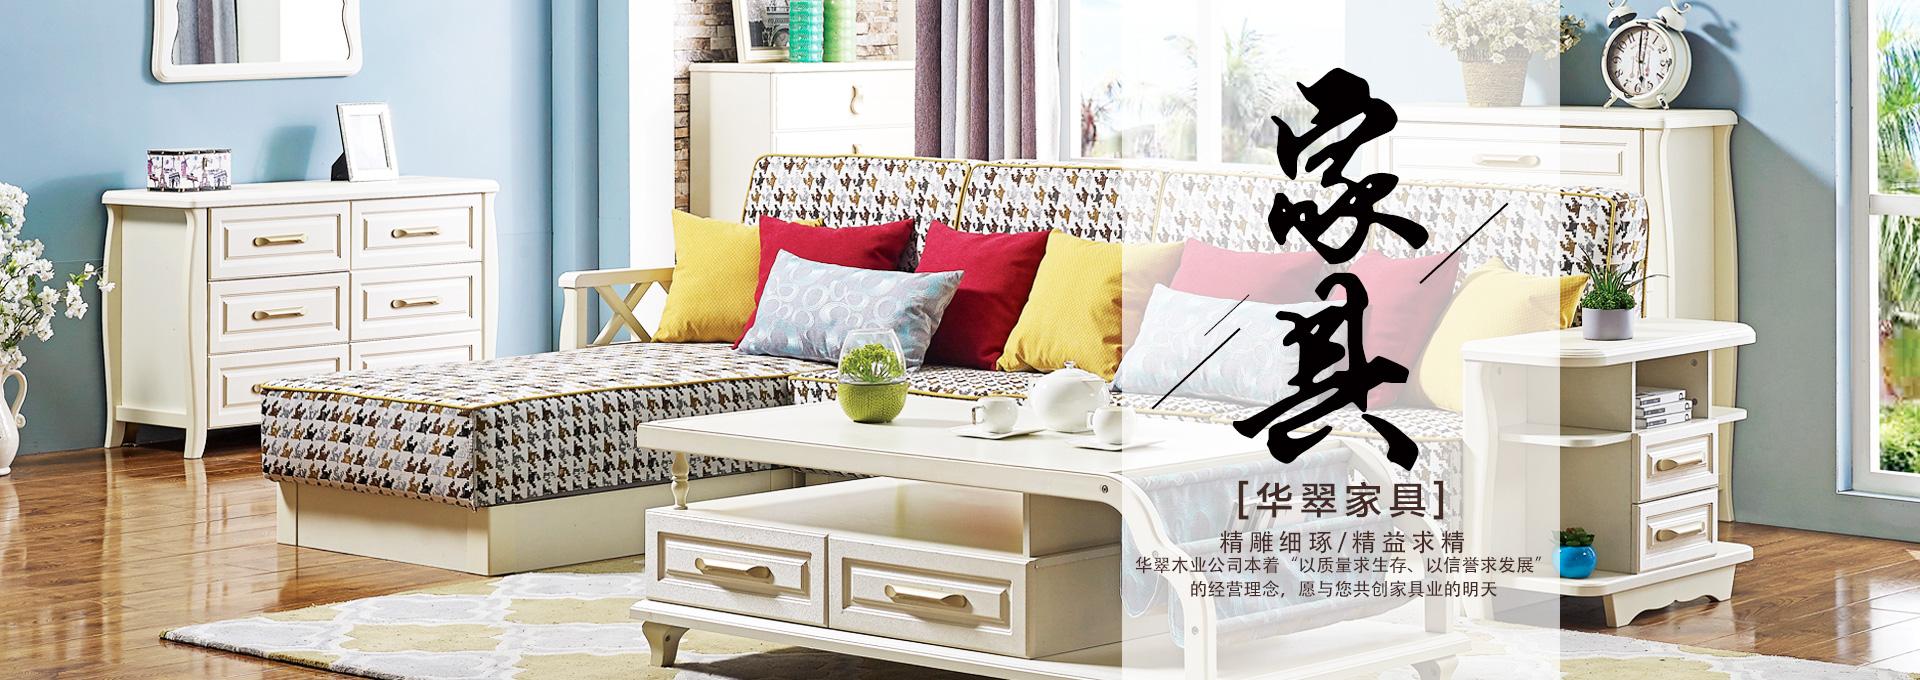 黑龙江板乐虎国际官网